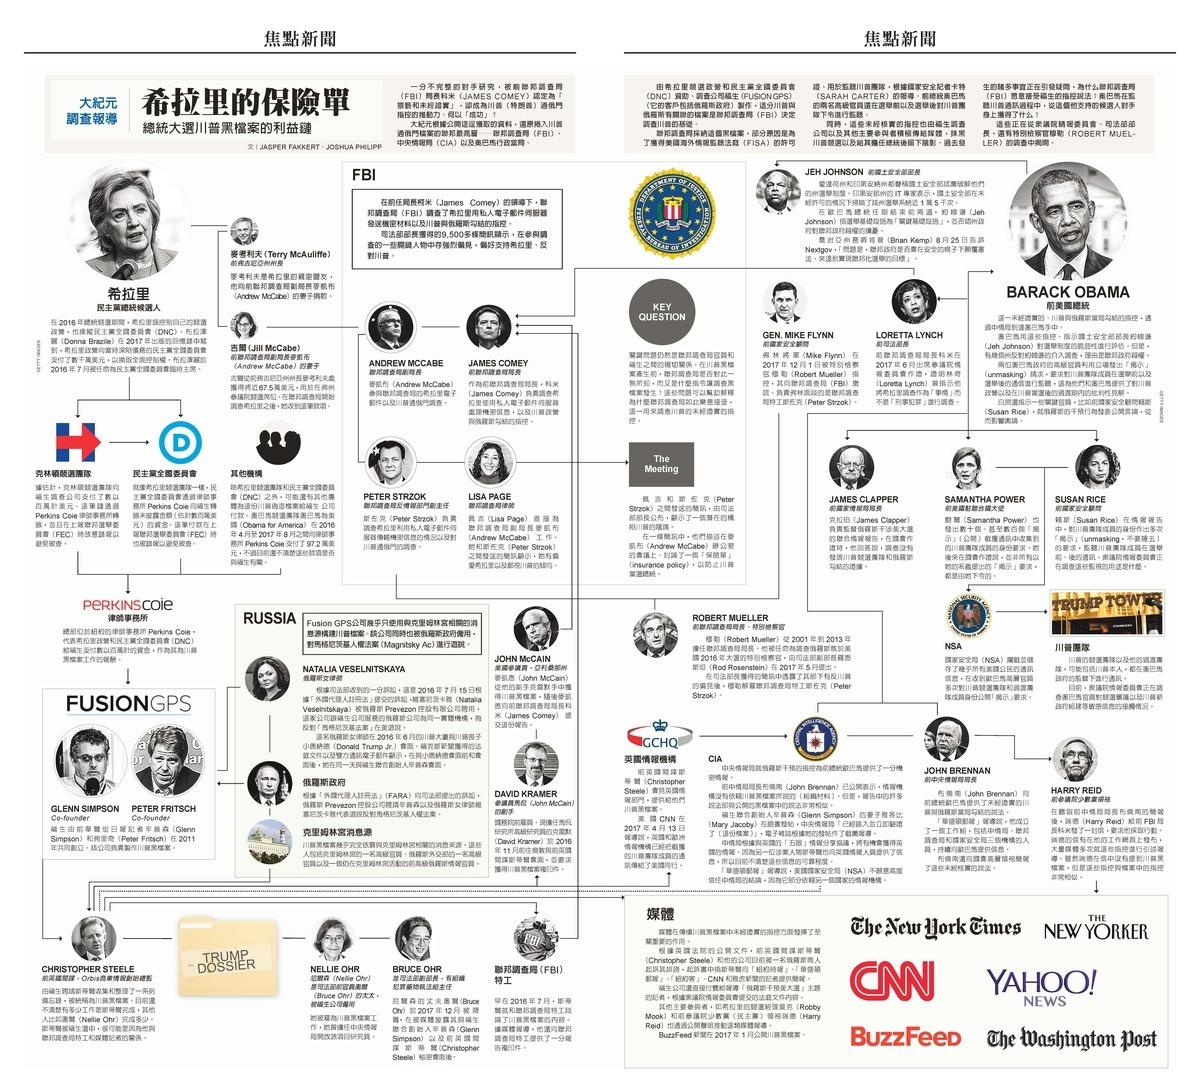 一分被前聯邦調查局(FBI)局長科米(JAMES COMEY)認定為「猥褻和未經證實」的材料,卻成為特朗普通俄門指控的推動力,2016年美總統大選究竟發生了甚麼?(大紀元製圖)